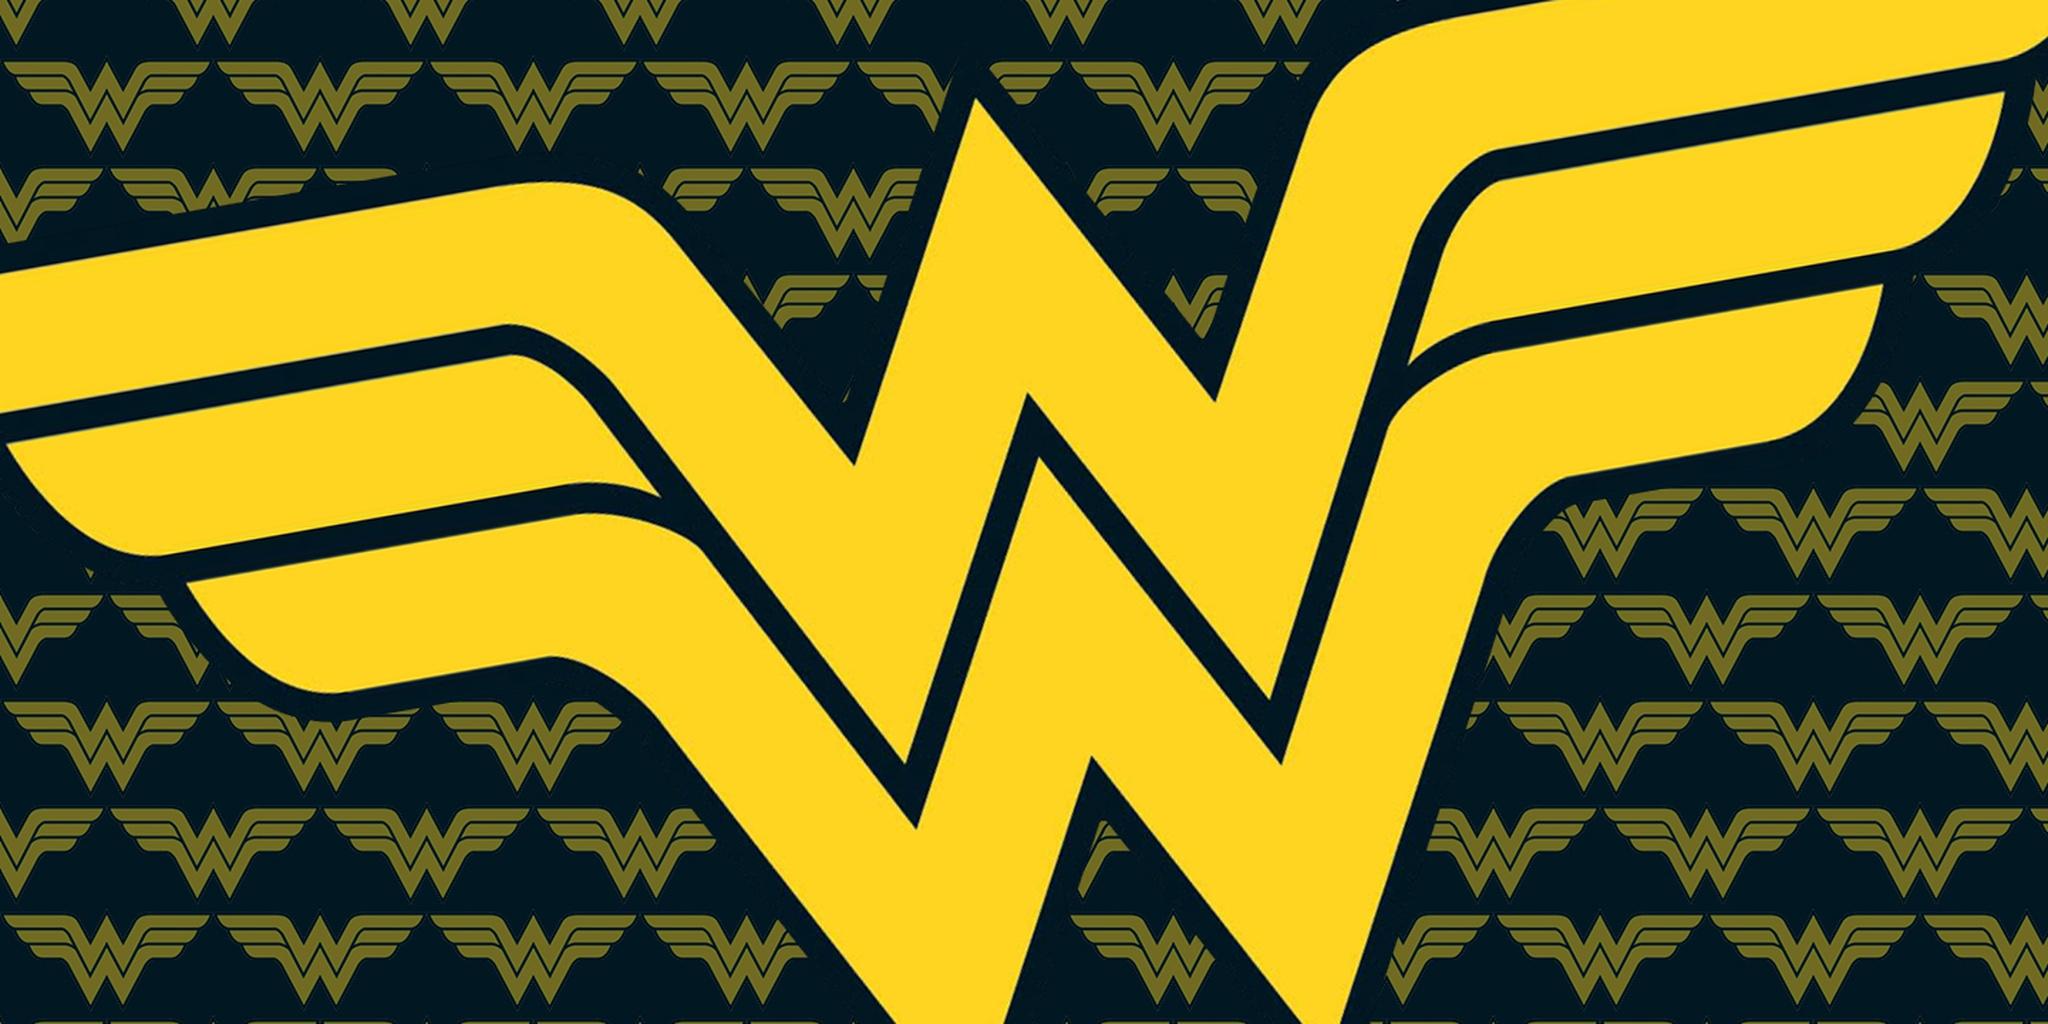 Wonder Woman logo pattern